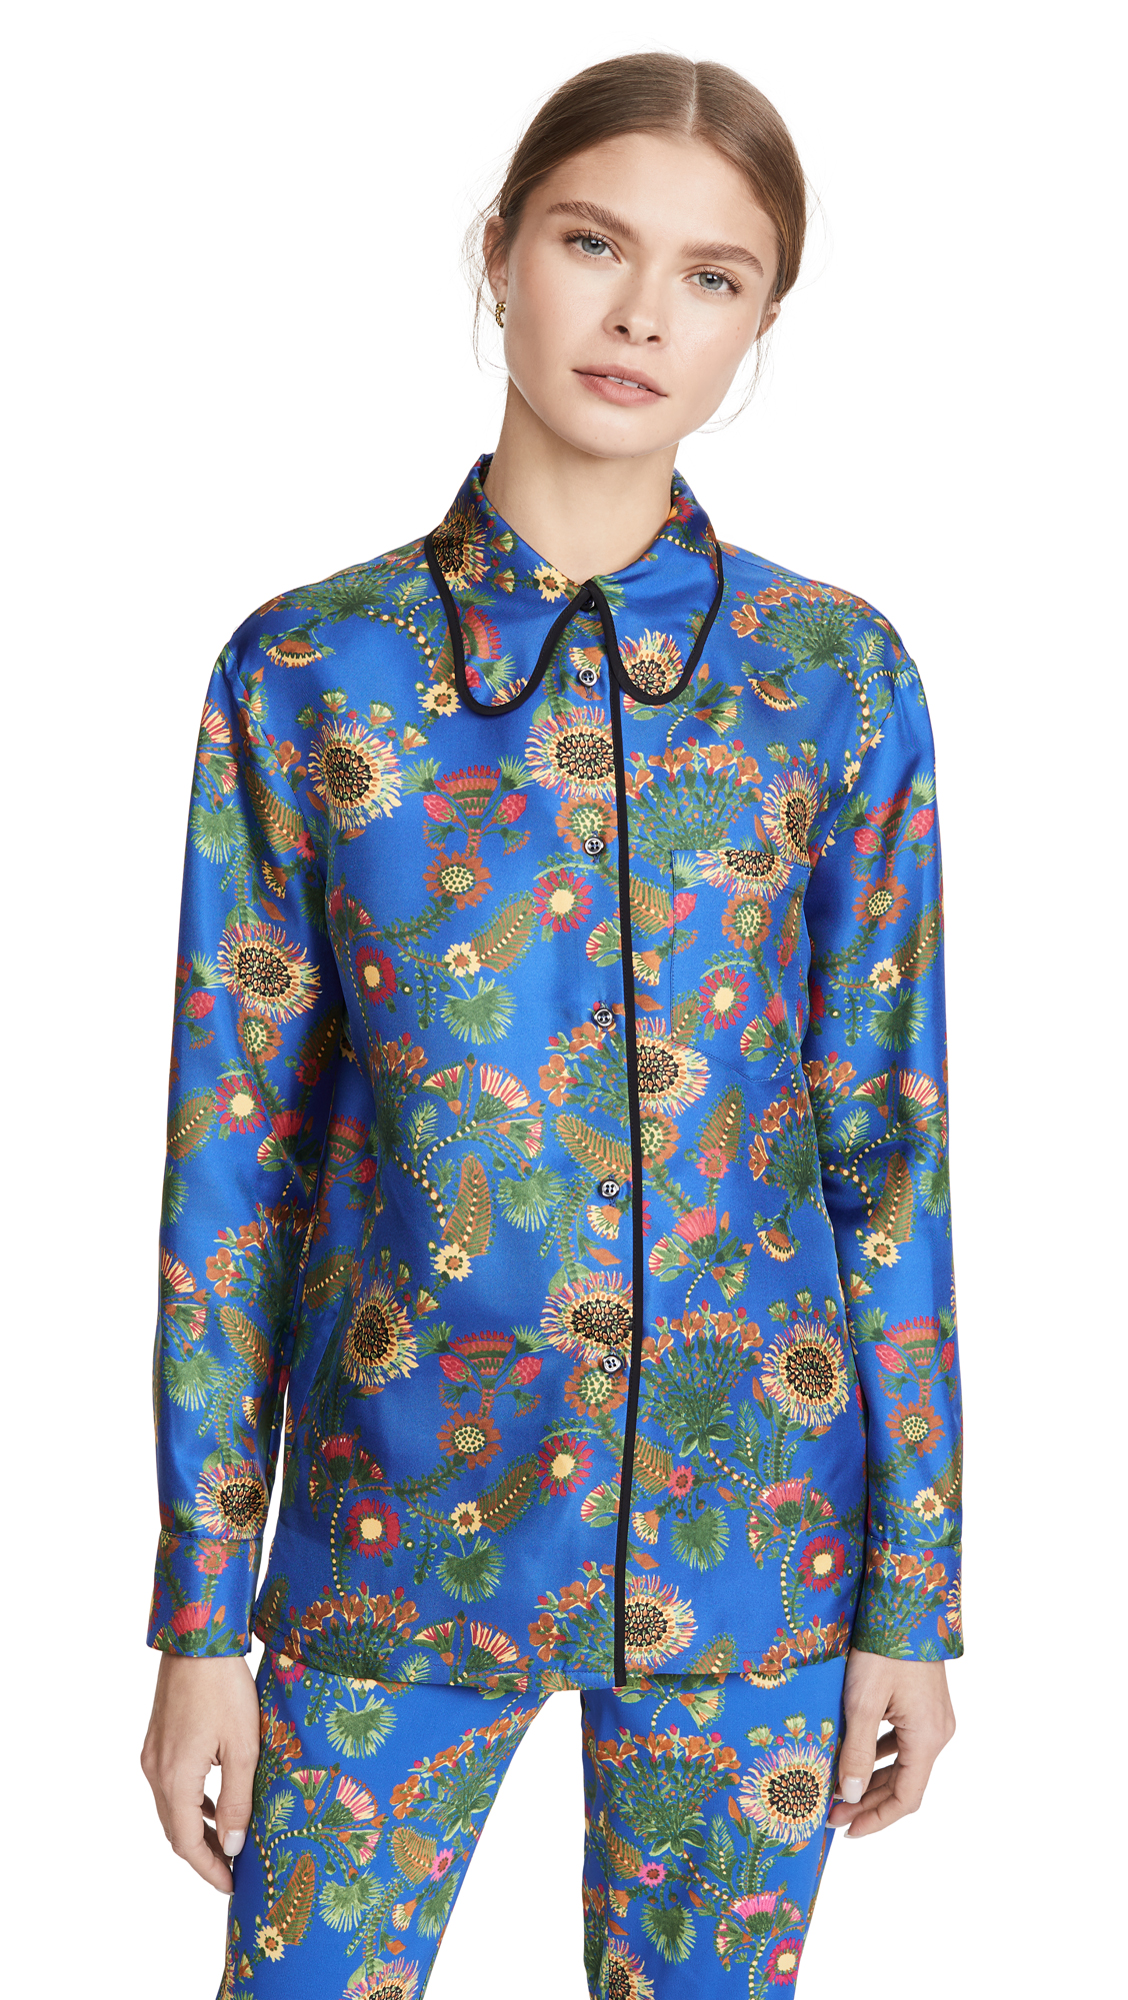 La Double J Rodeo Shirt - 40% Off Sale